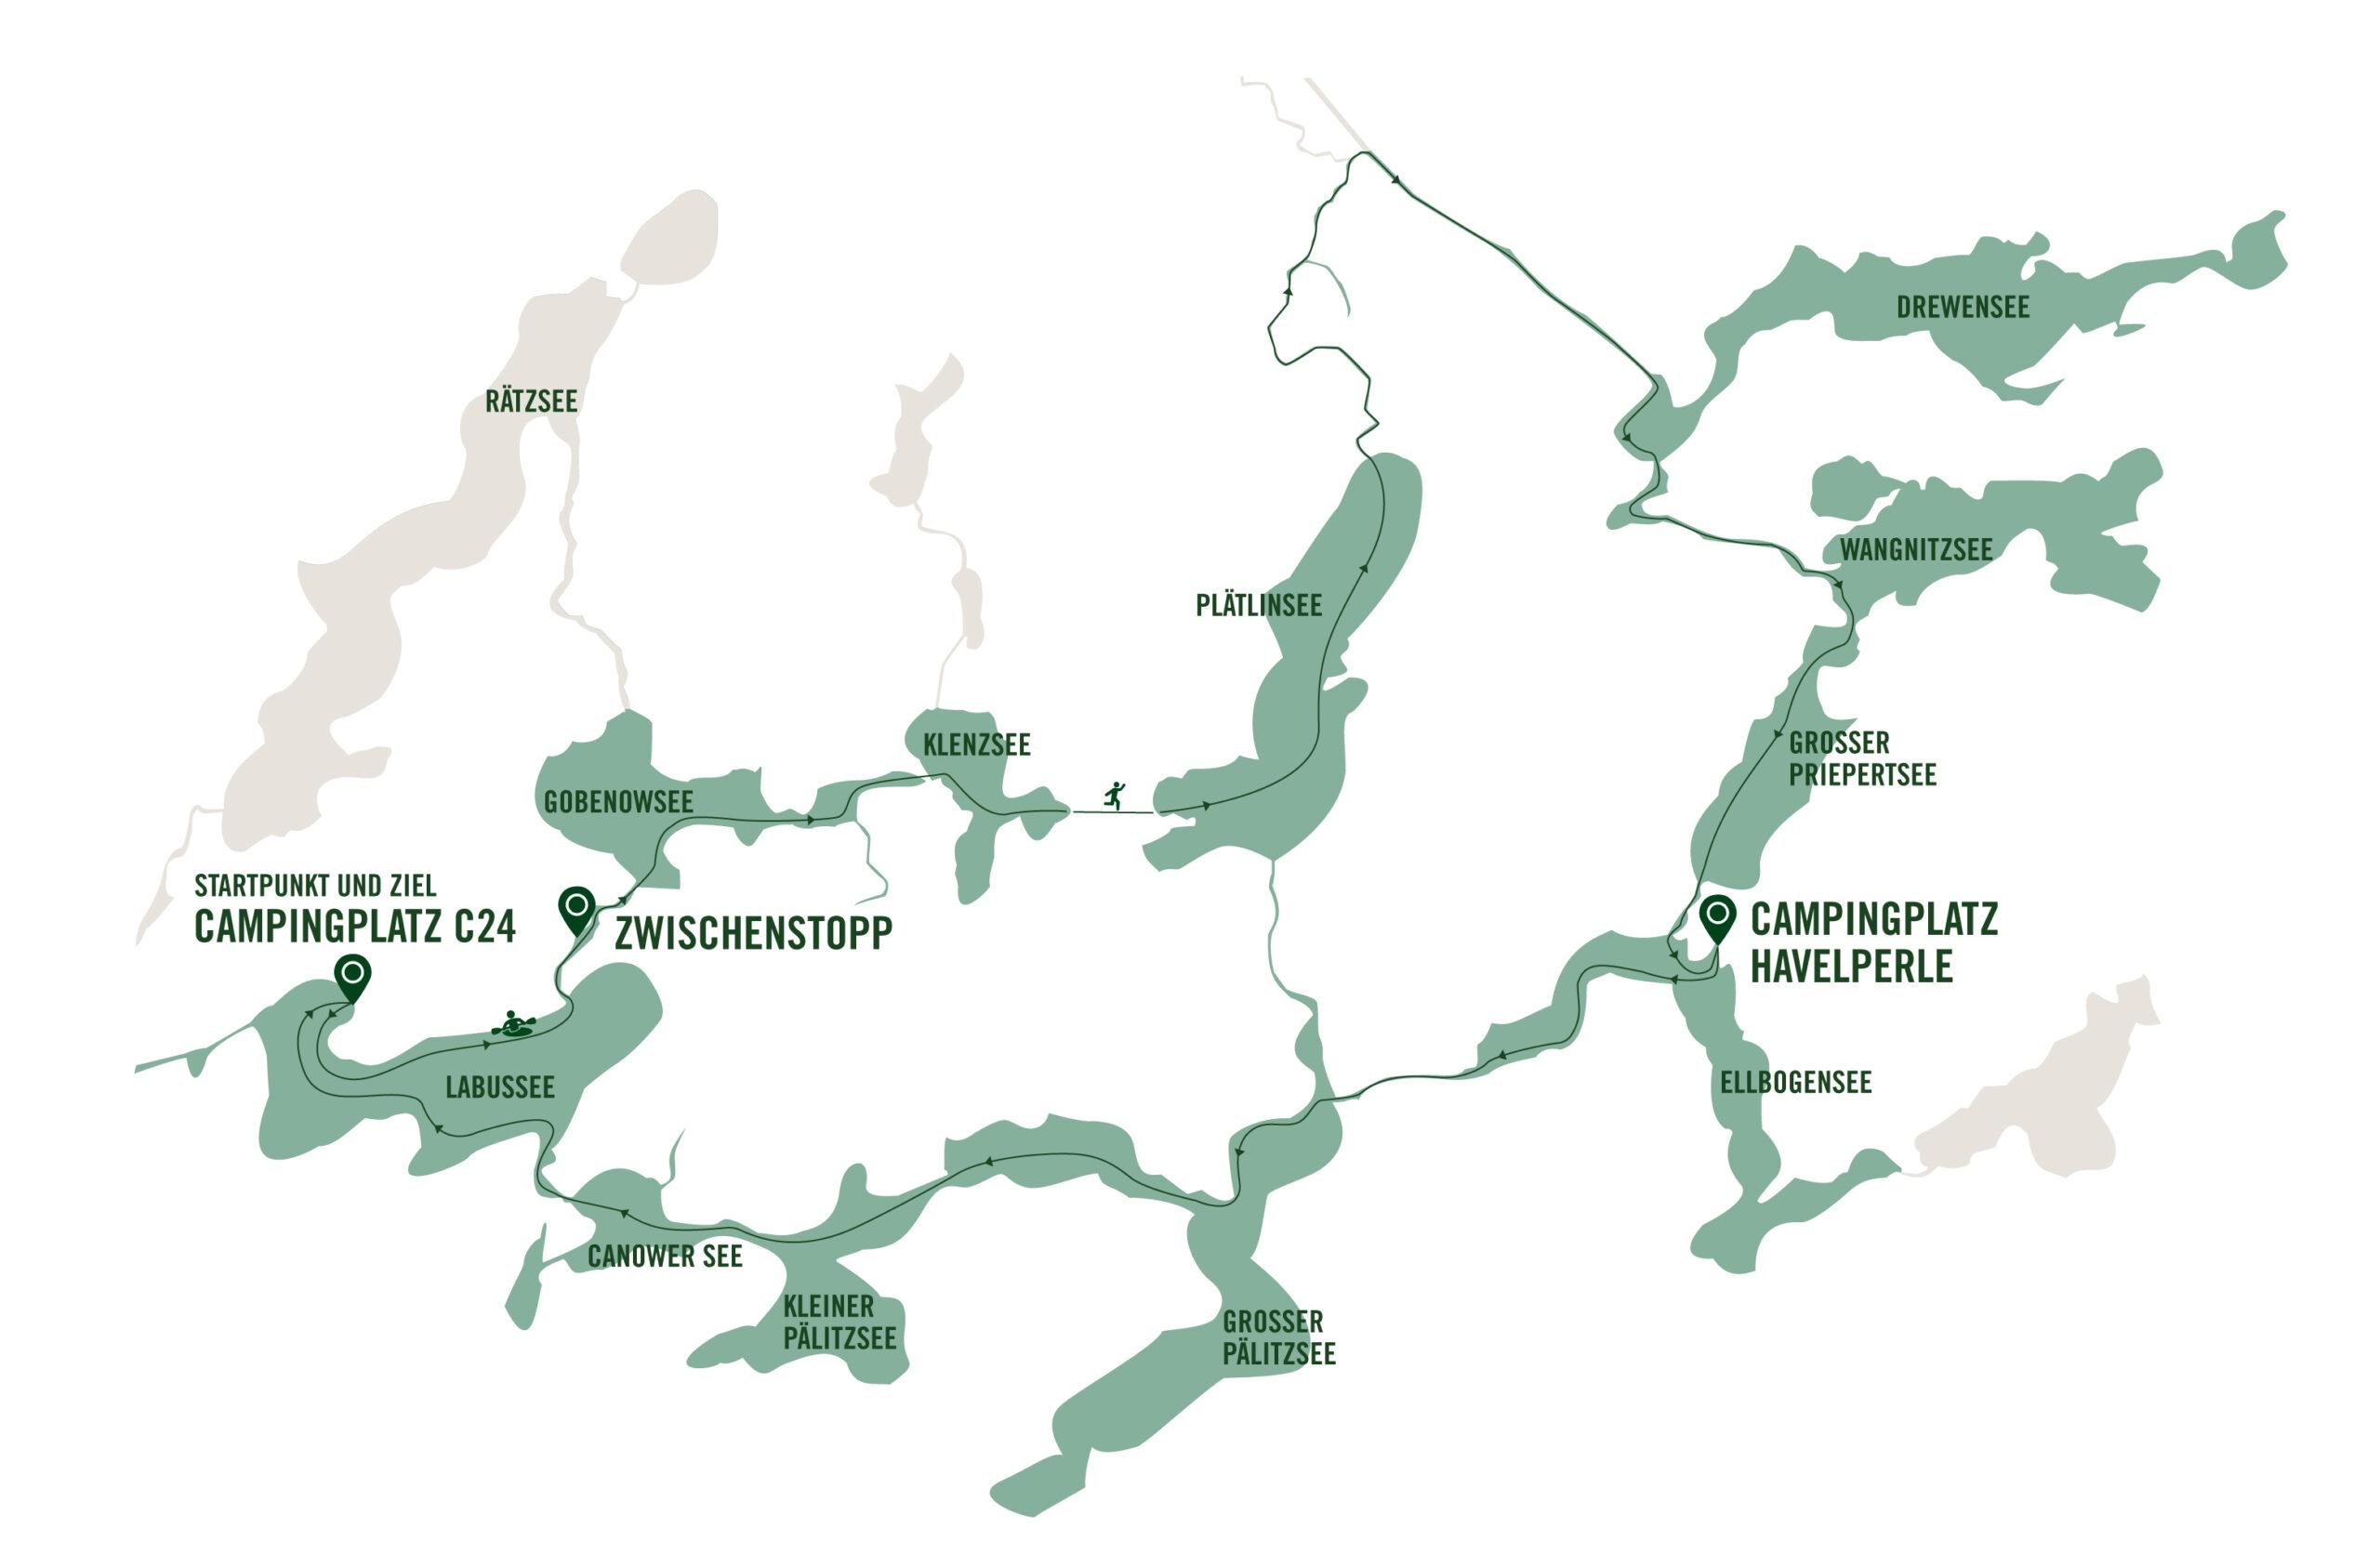 Karte_Tour_Kajak_Route1